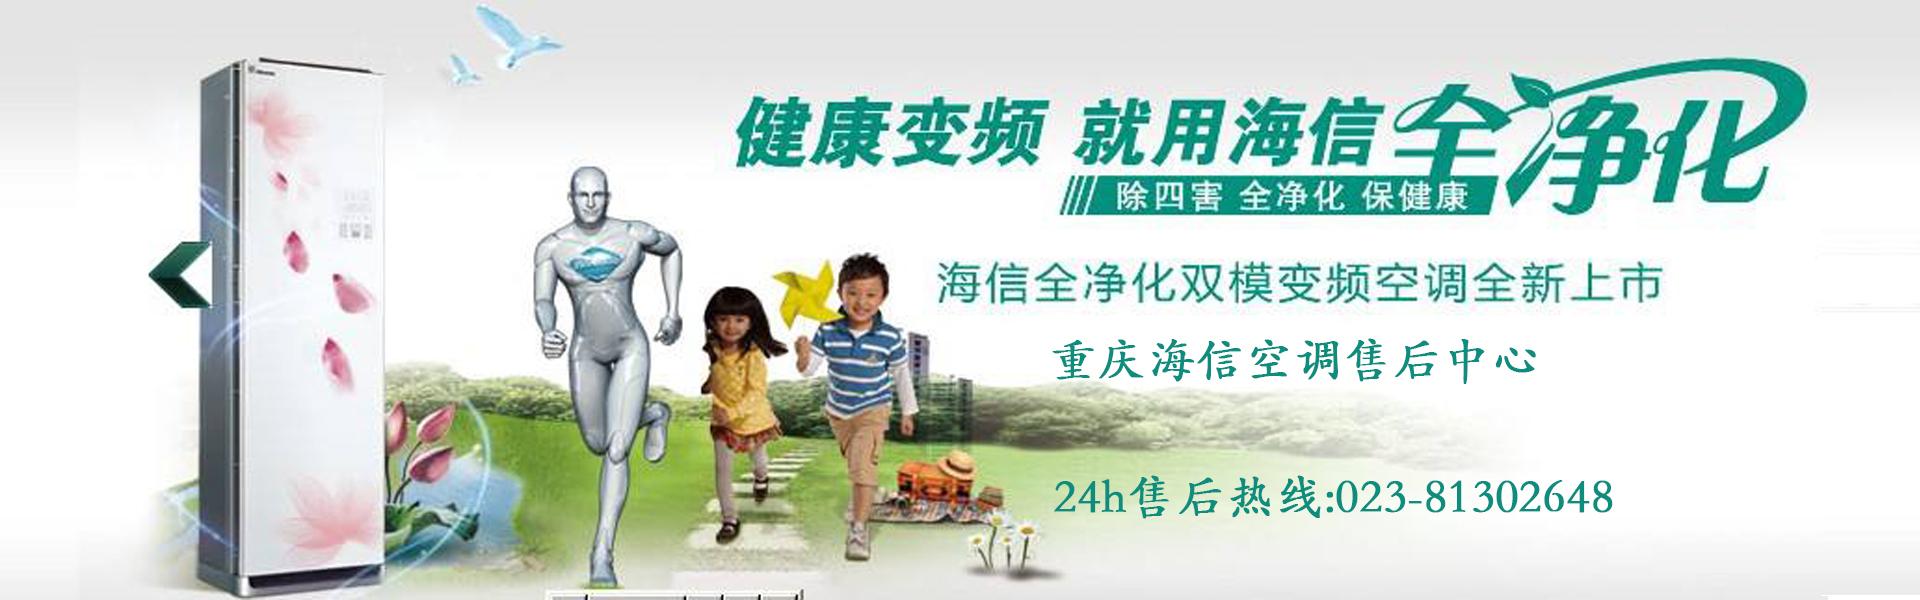 重庆海信空调售后维修中心电话